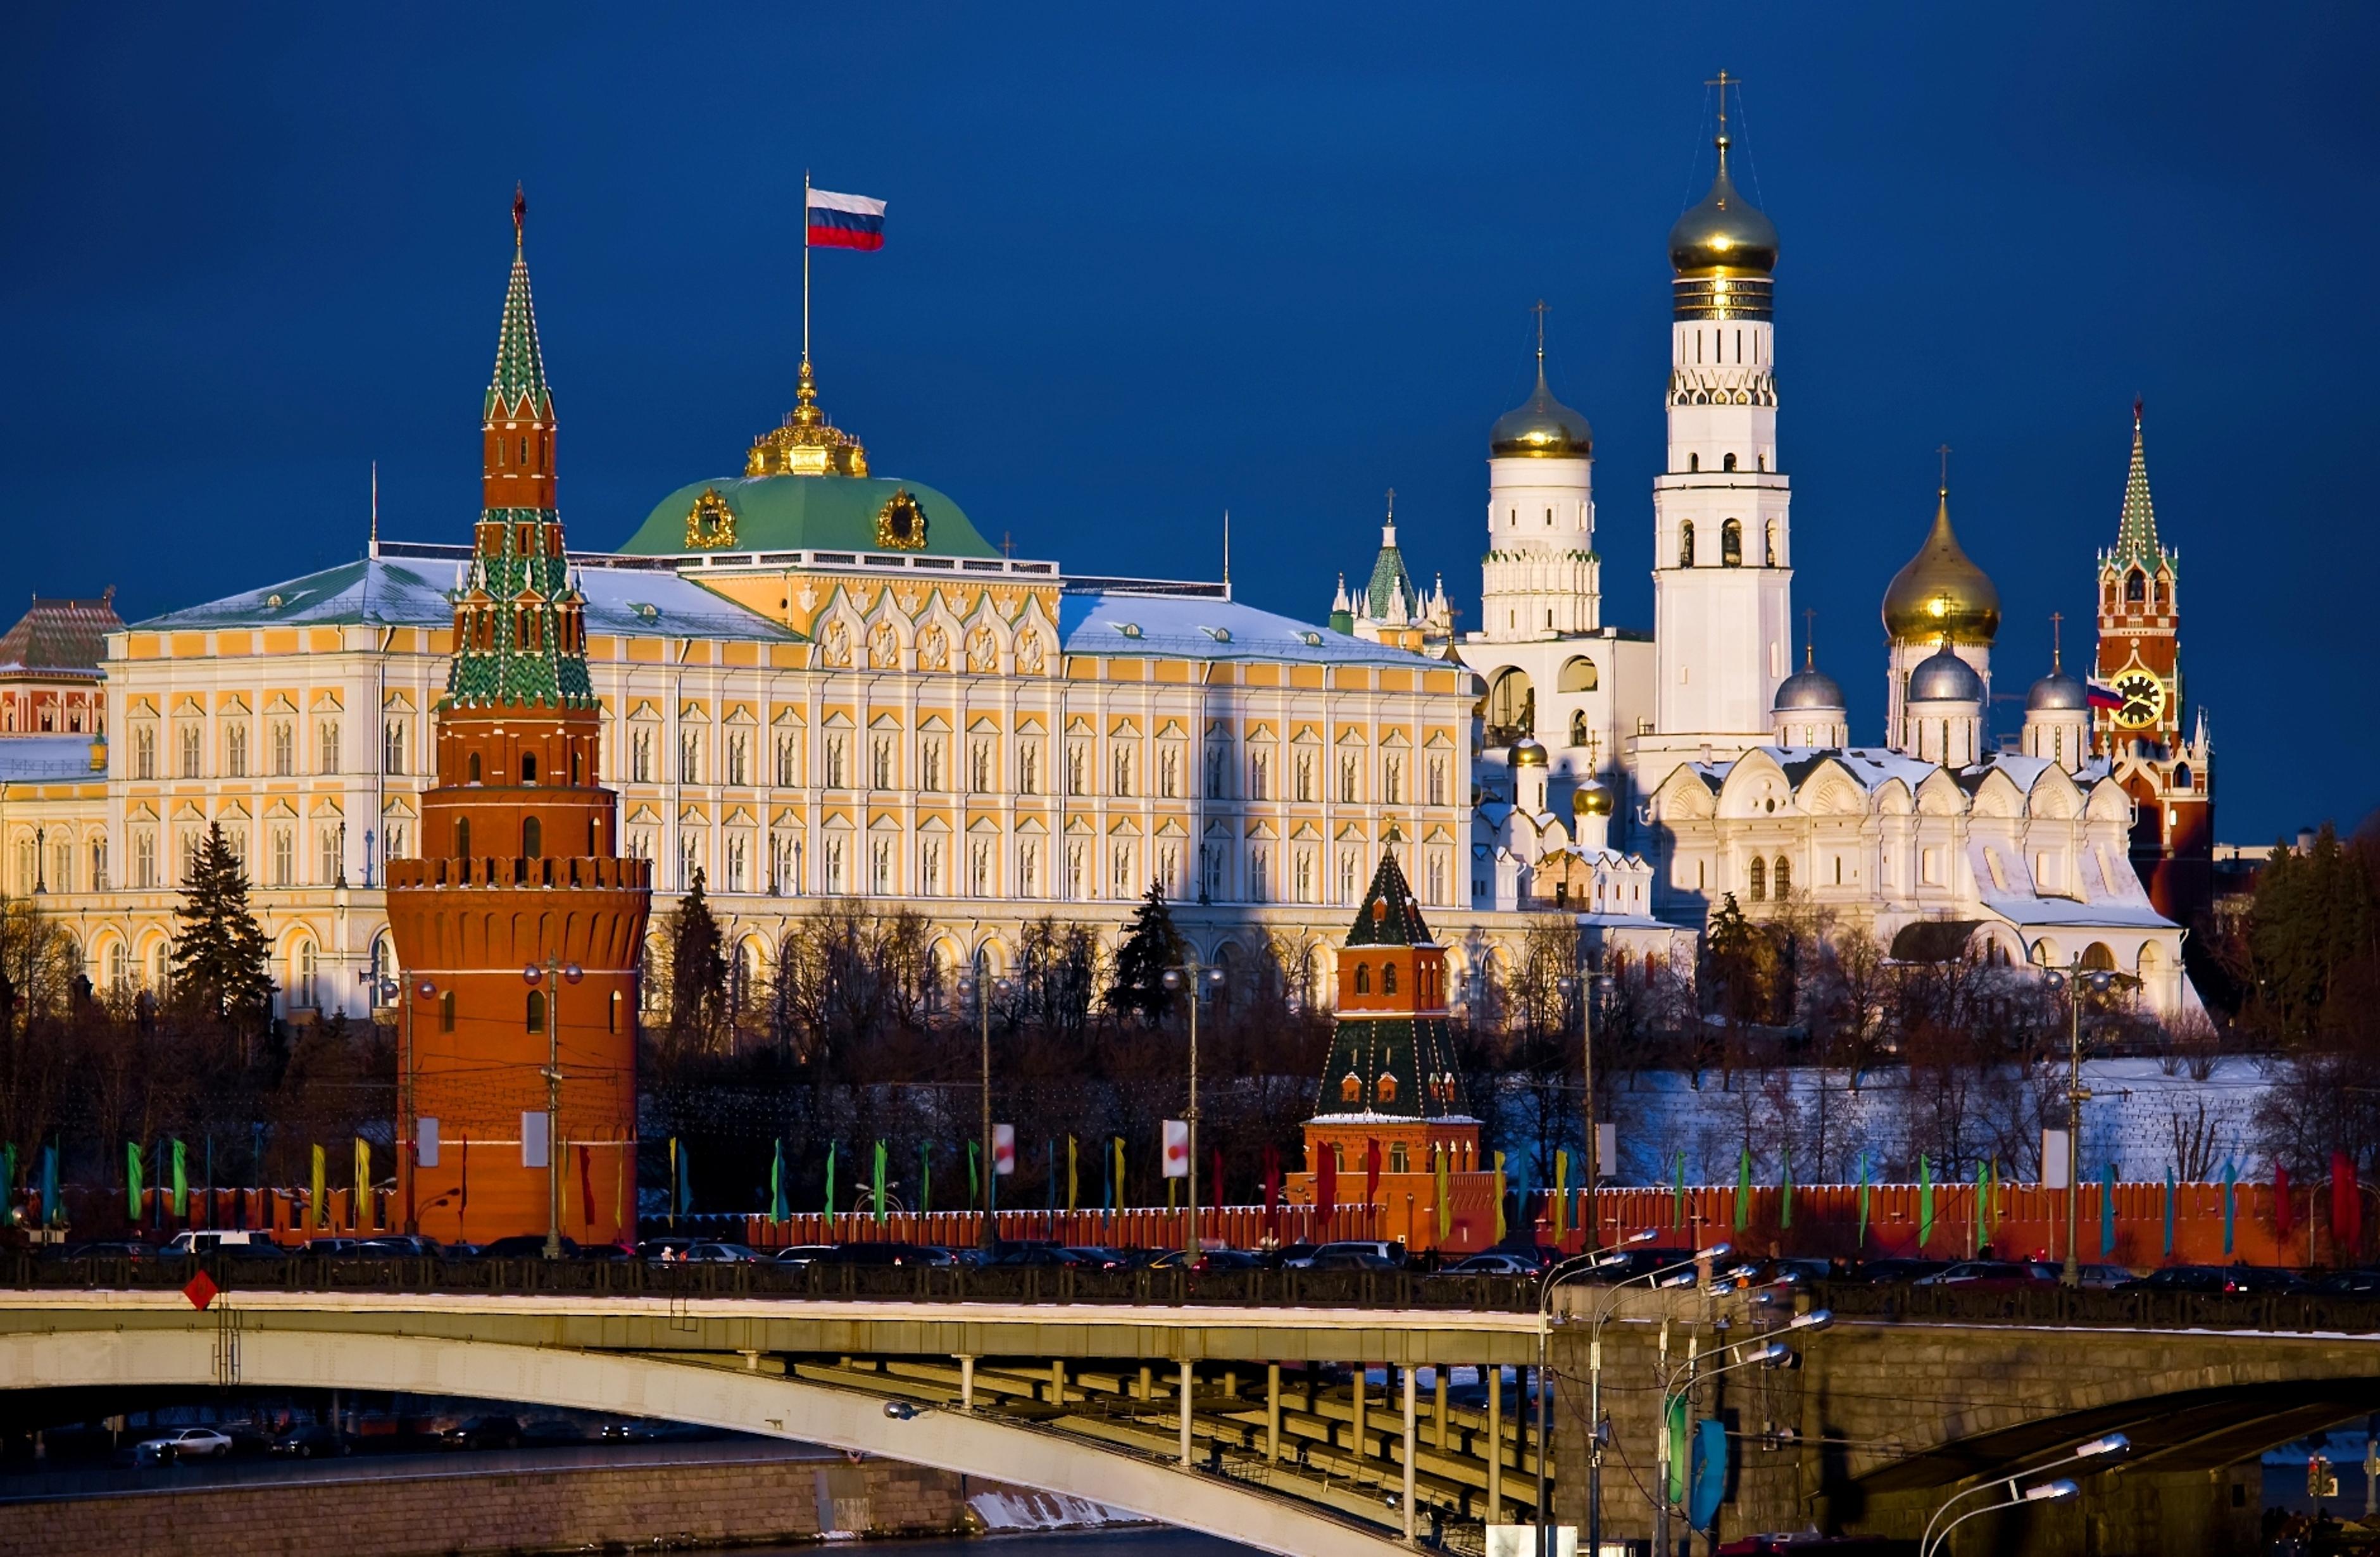 Мужу, картинки про россию для презентации